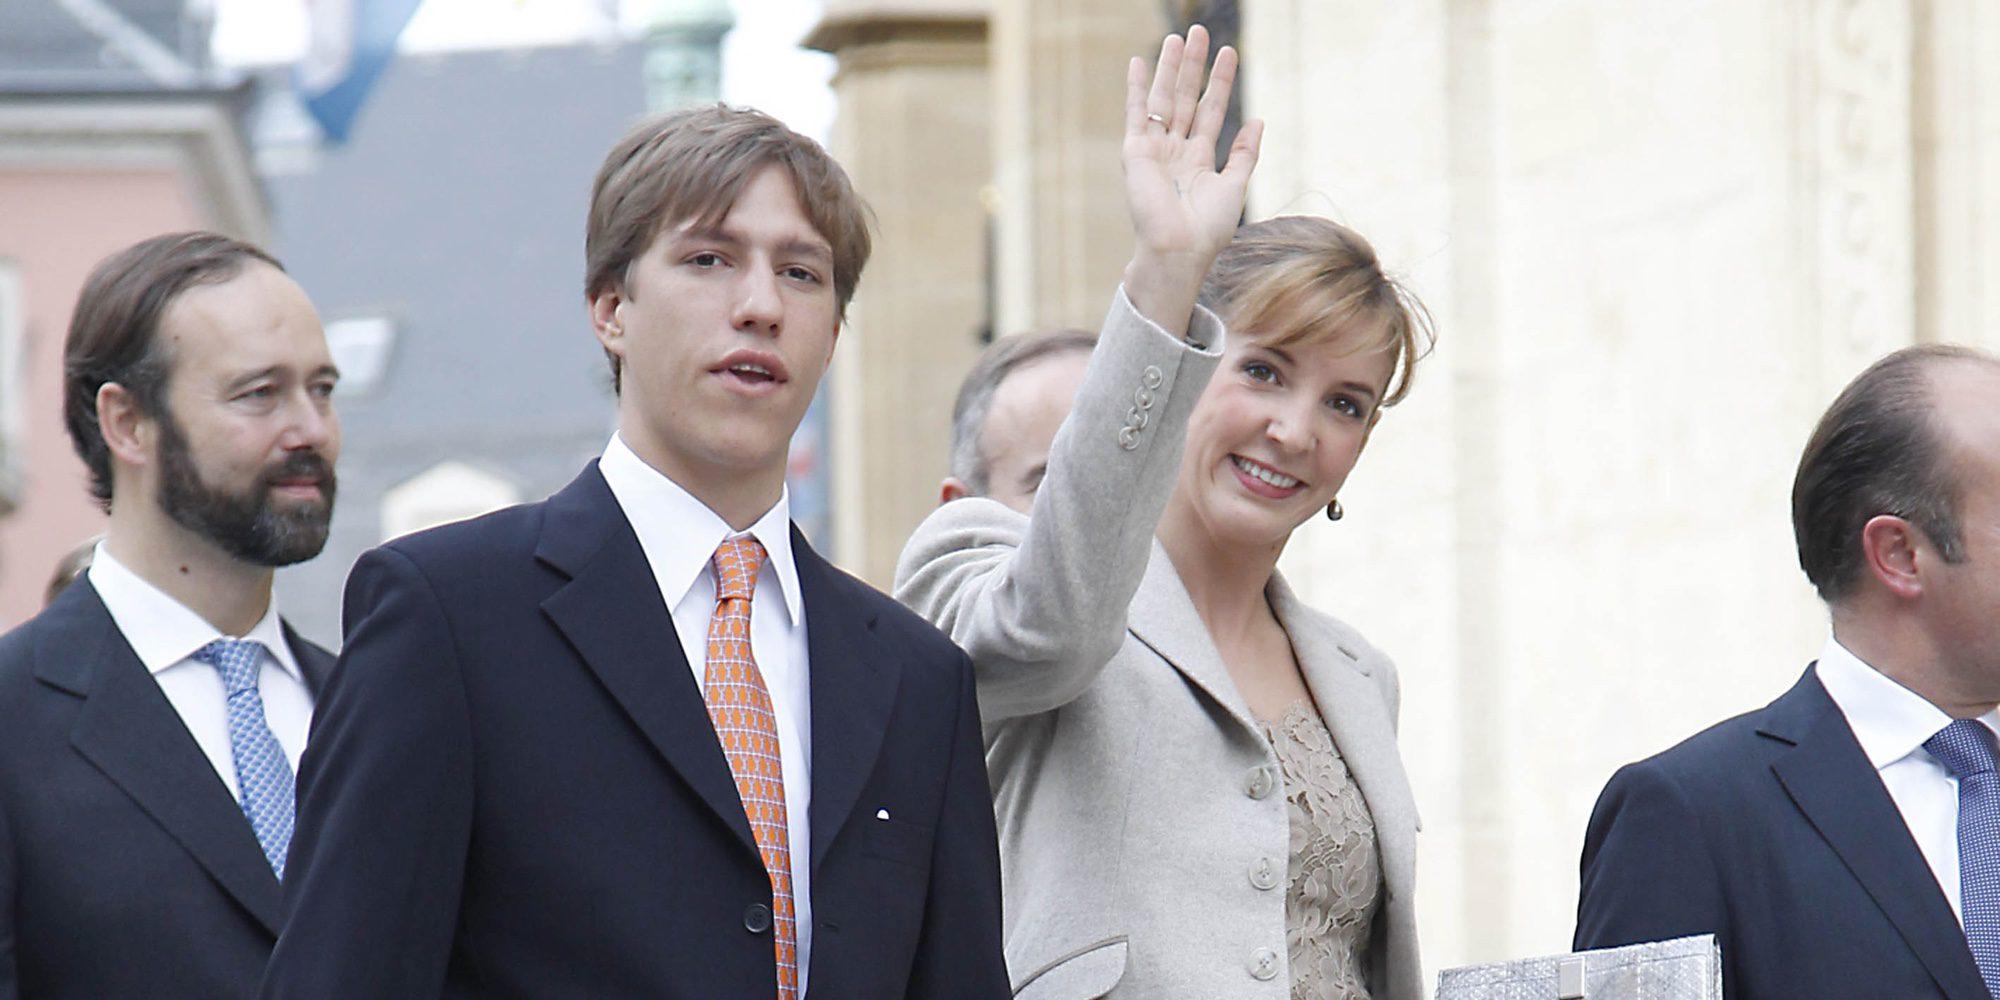 Luis y Tessy de Luxemburgo se divorcian tras 10 años de matrimonio: adiós al amor del príncipe y la soldado